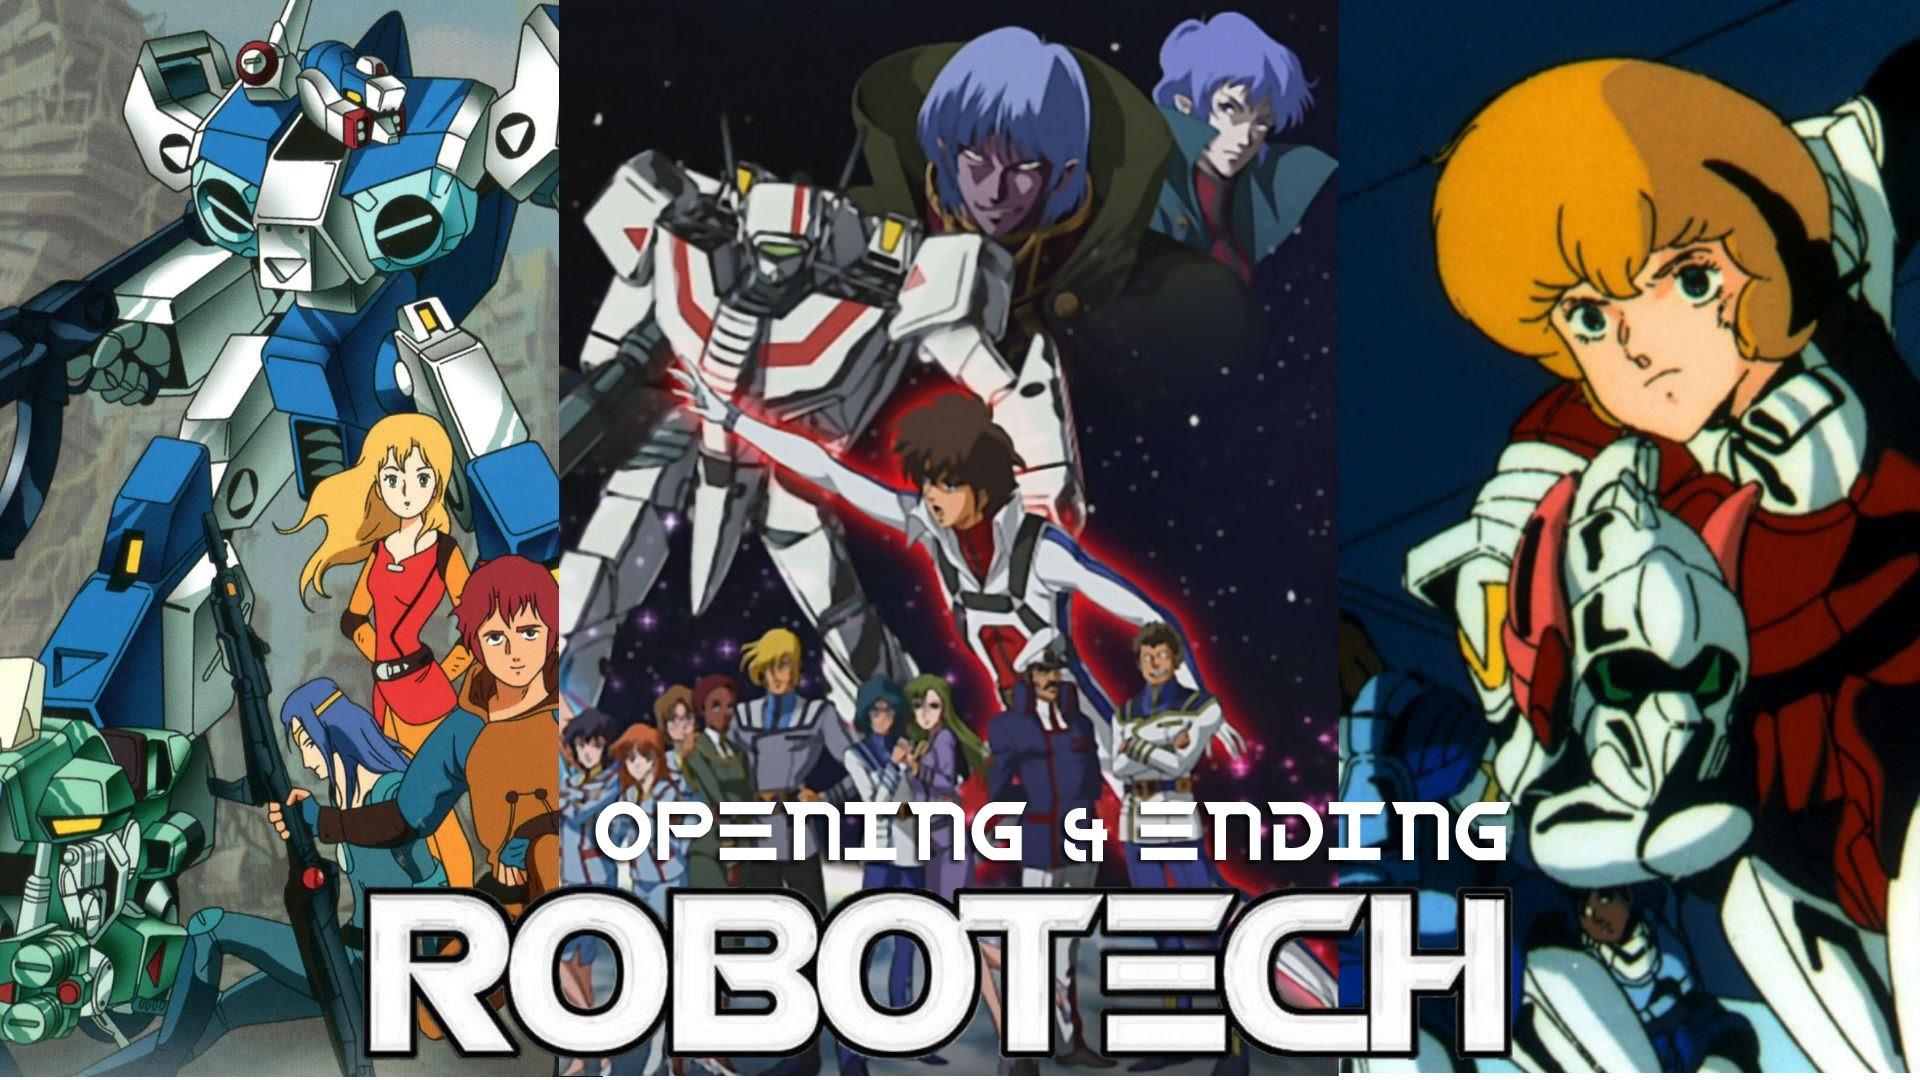 Robotech – Sinopsis, Opening & Ending